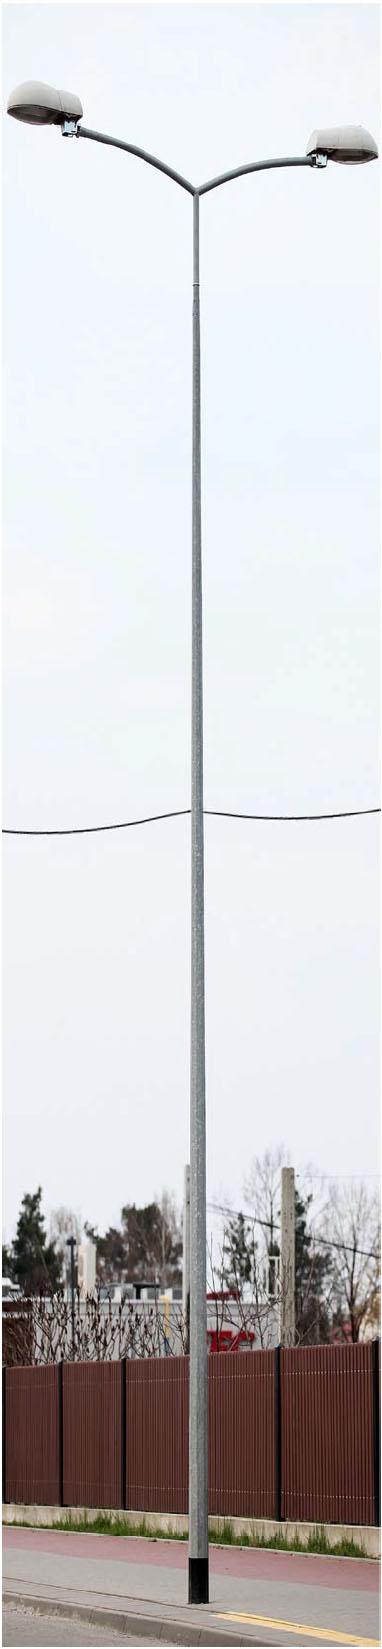 ValskP191-220